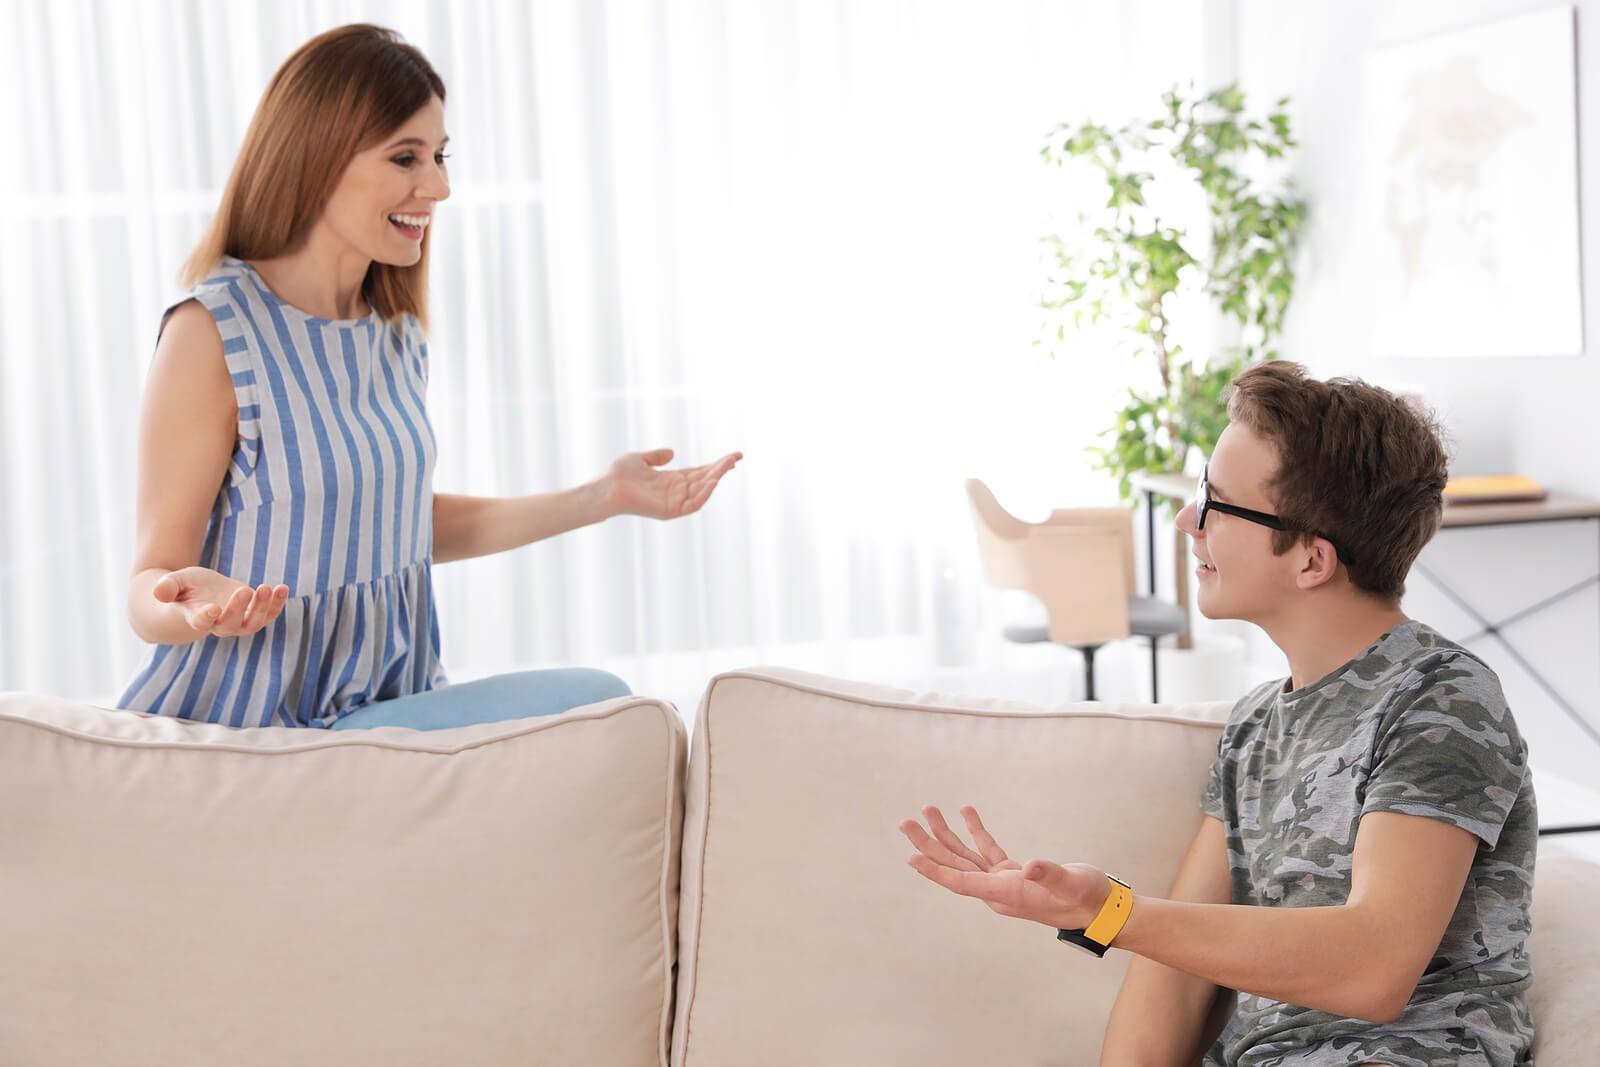 Madre evitando interrogar a su hijo adolescente.